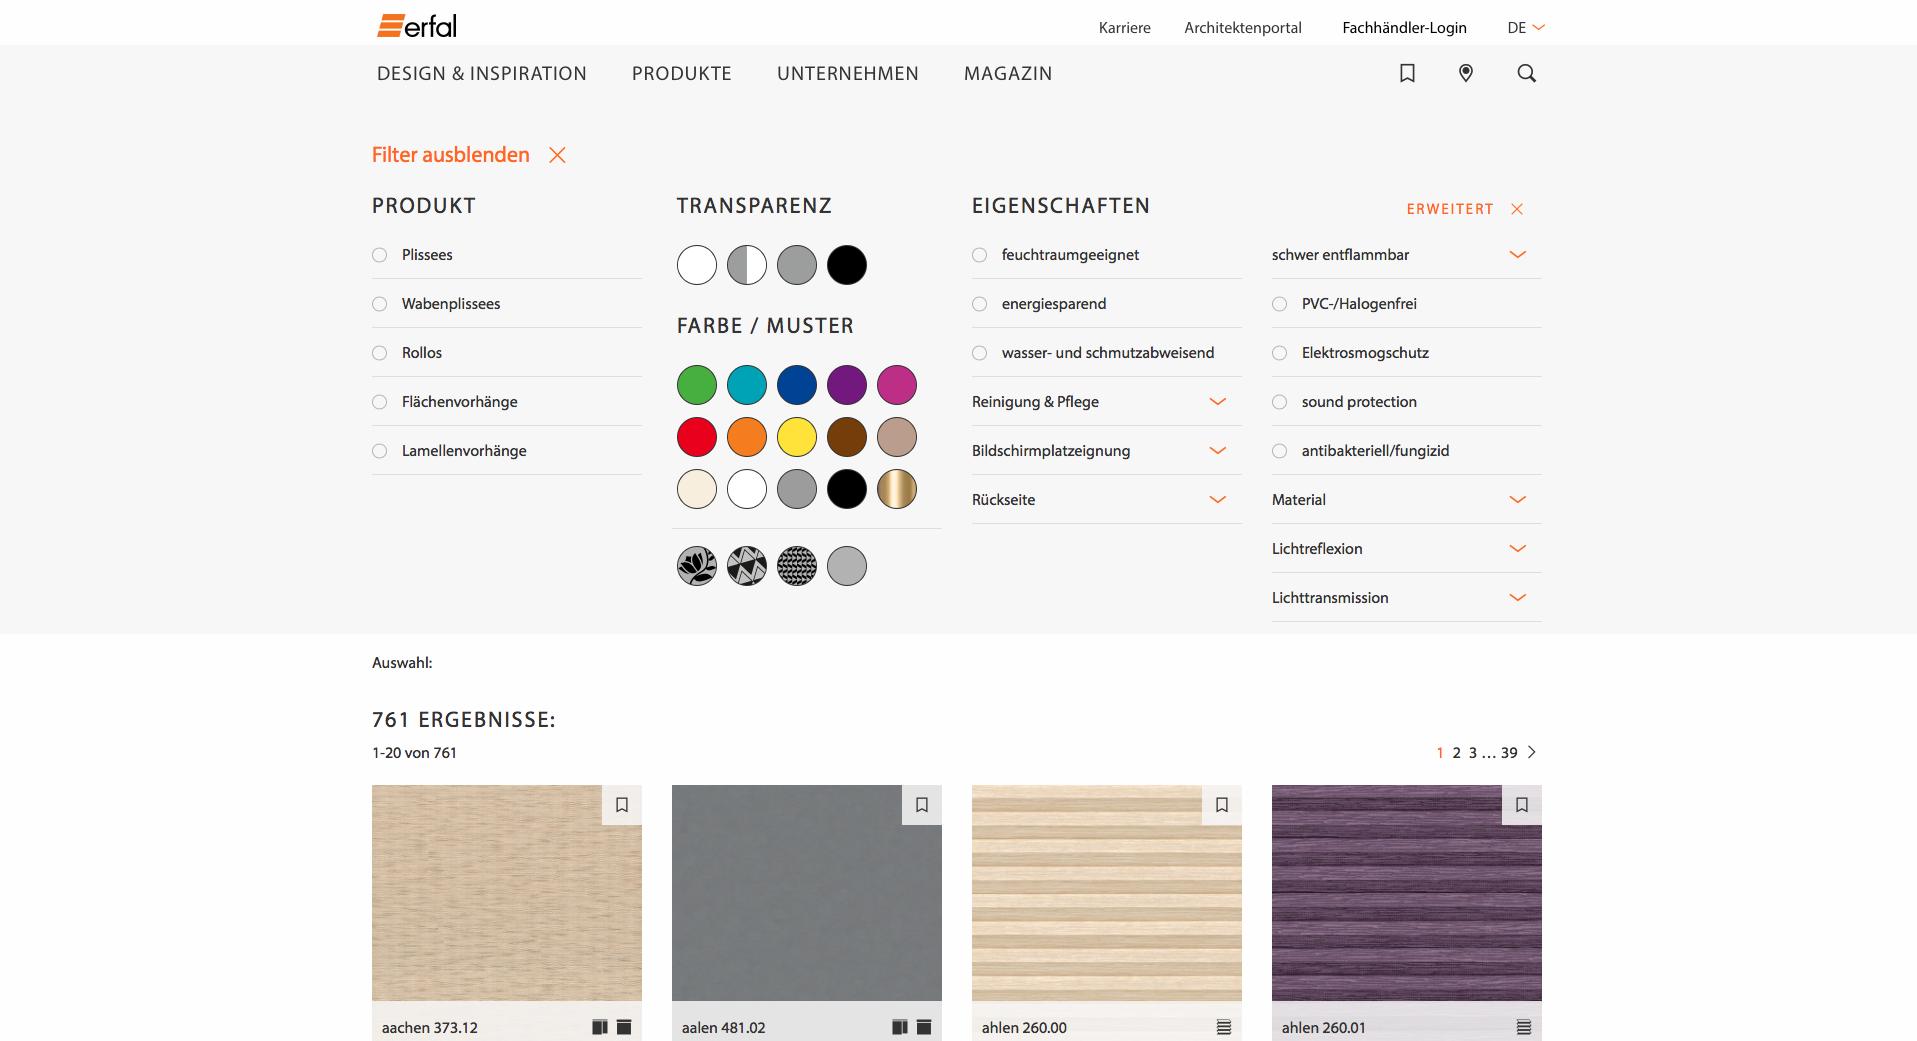 Viele viele Möglichkeiten im Designfinder dank des Produktinformationssystem (PIS)